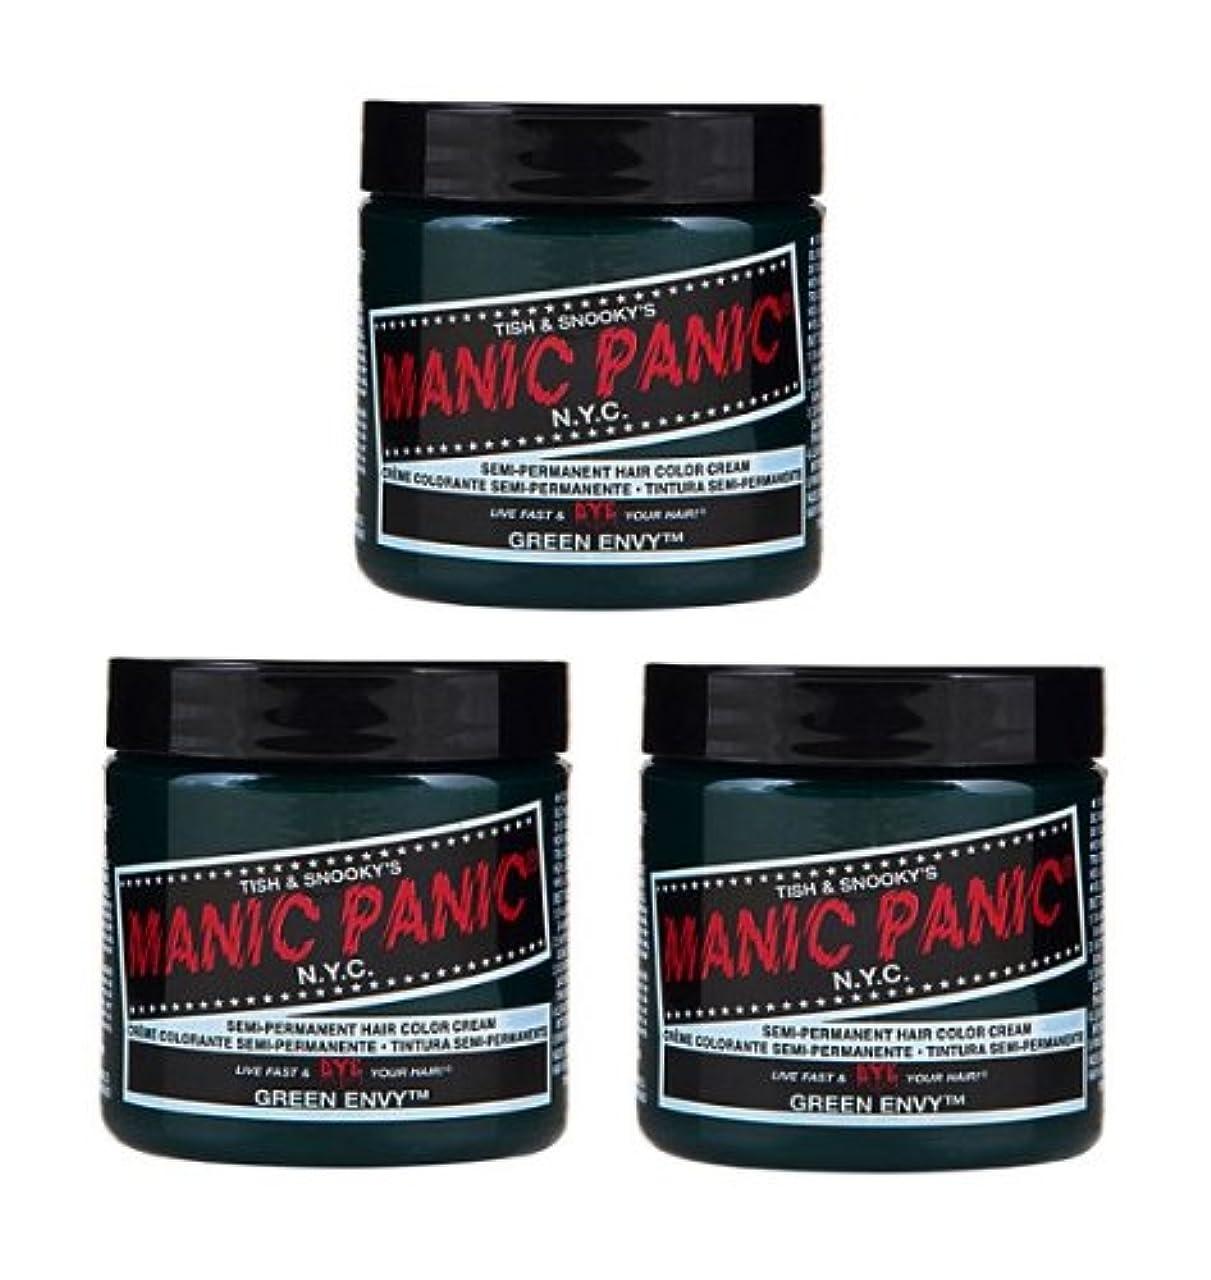 法医学機械舌な【3個セット】MANIC PANIC マニックパニック Green Envy グリーンエンヴィ 118ml